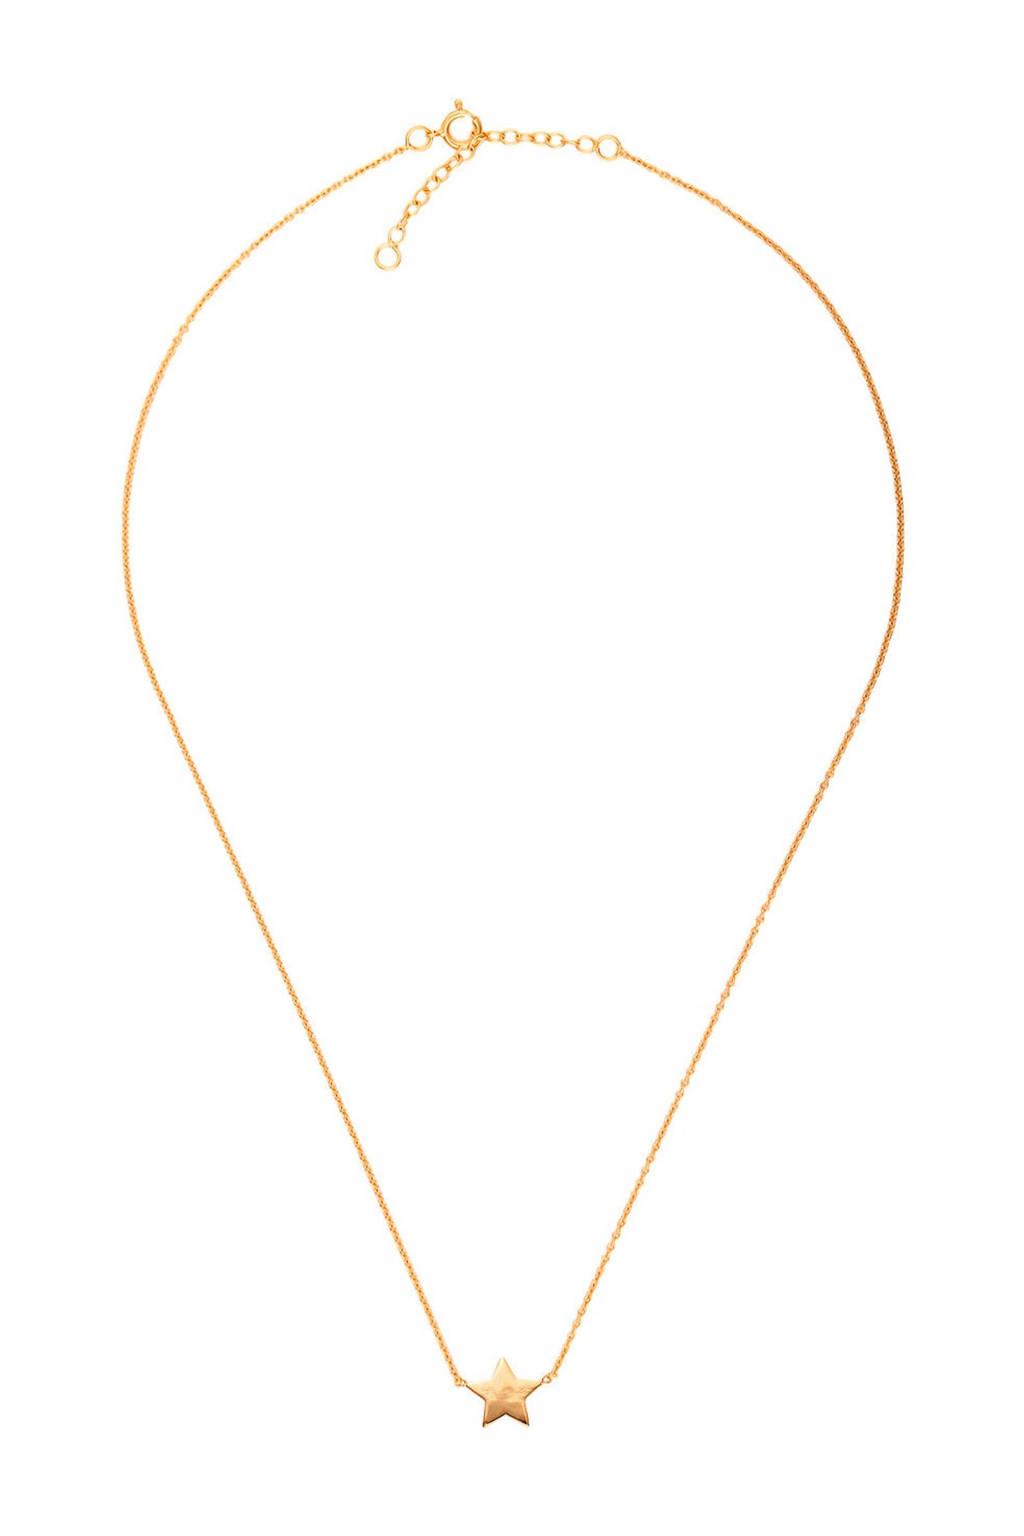 Selected Jewels Zilver ketting SJ1010128, Zilverkleurig